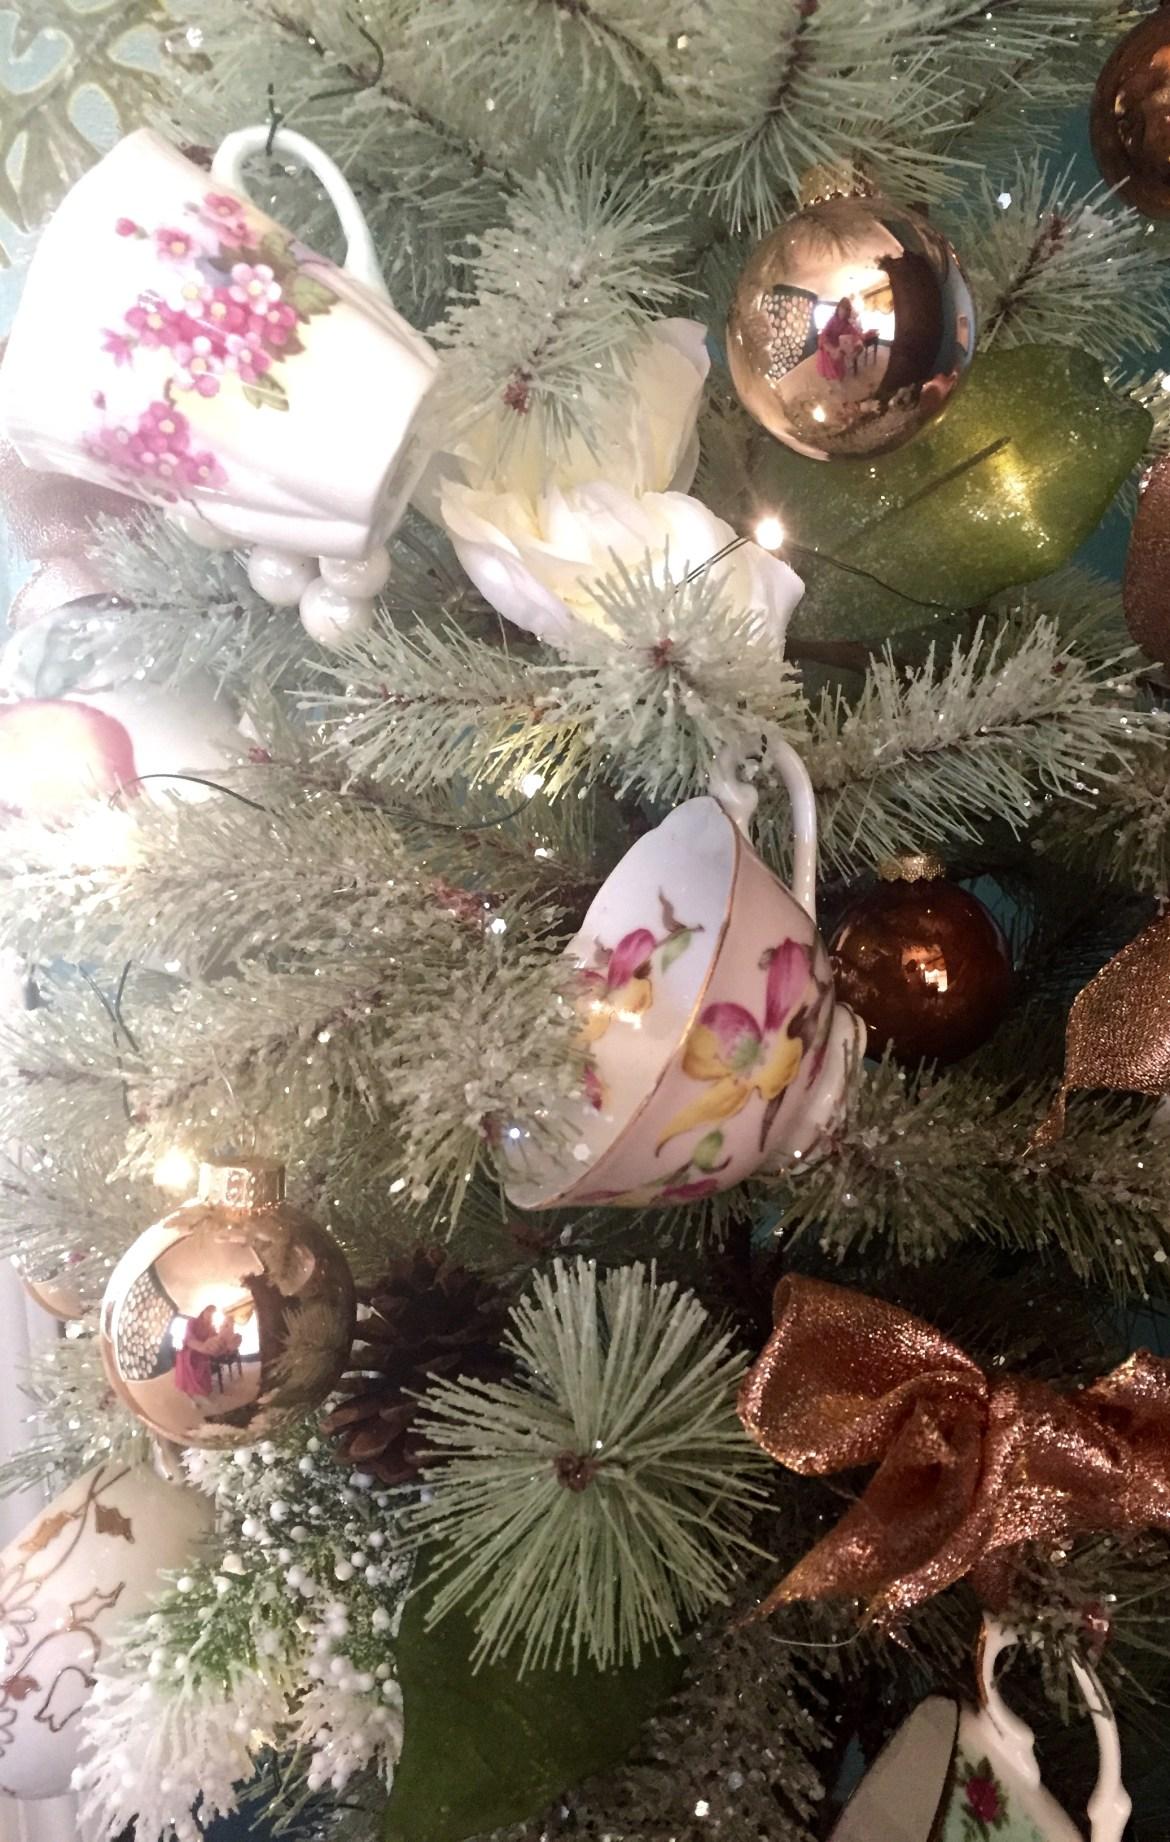 Teacup Christmas Tree.jpg